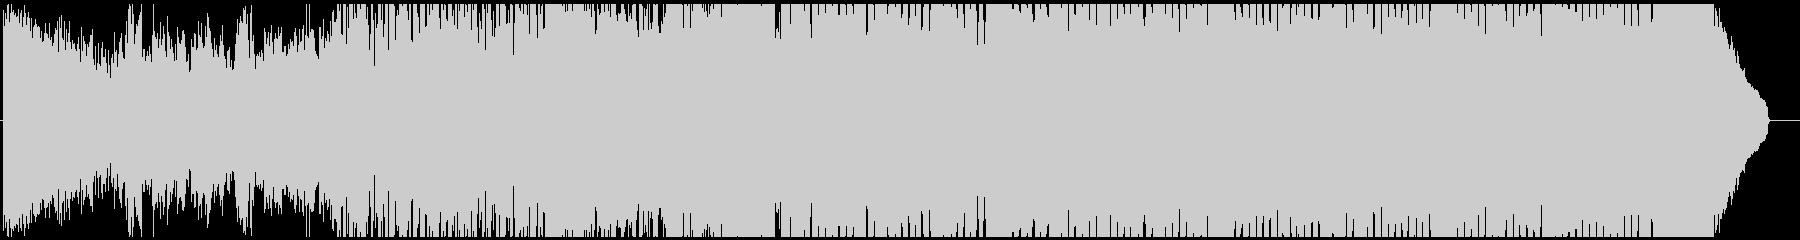 一夏の思い出に浸るスローテンポハウスの未再生の波形